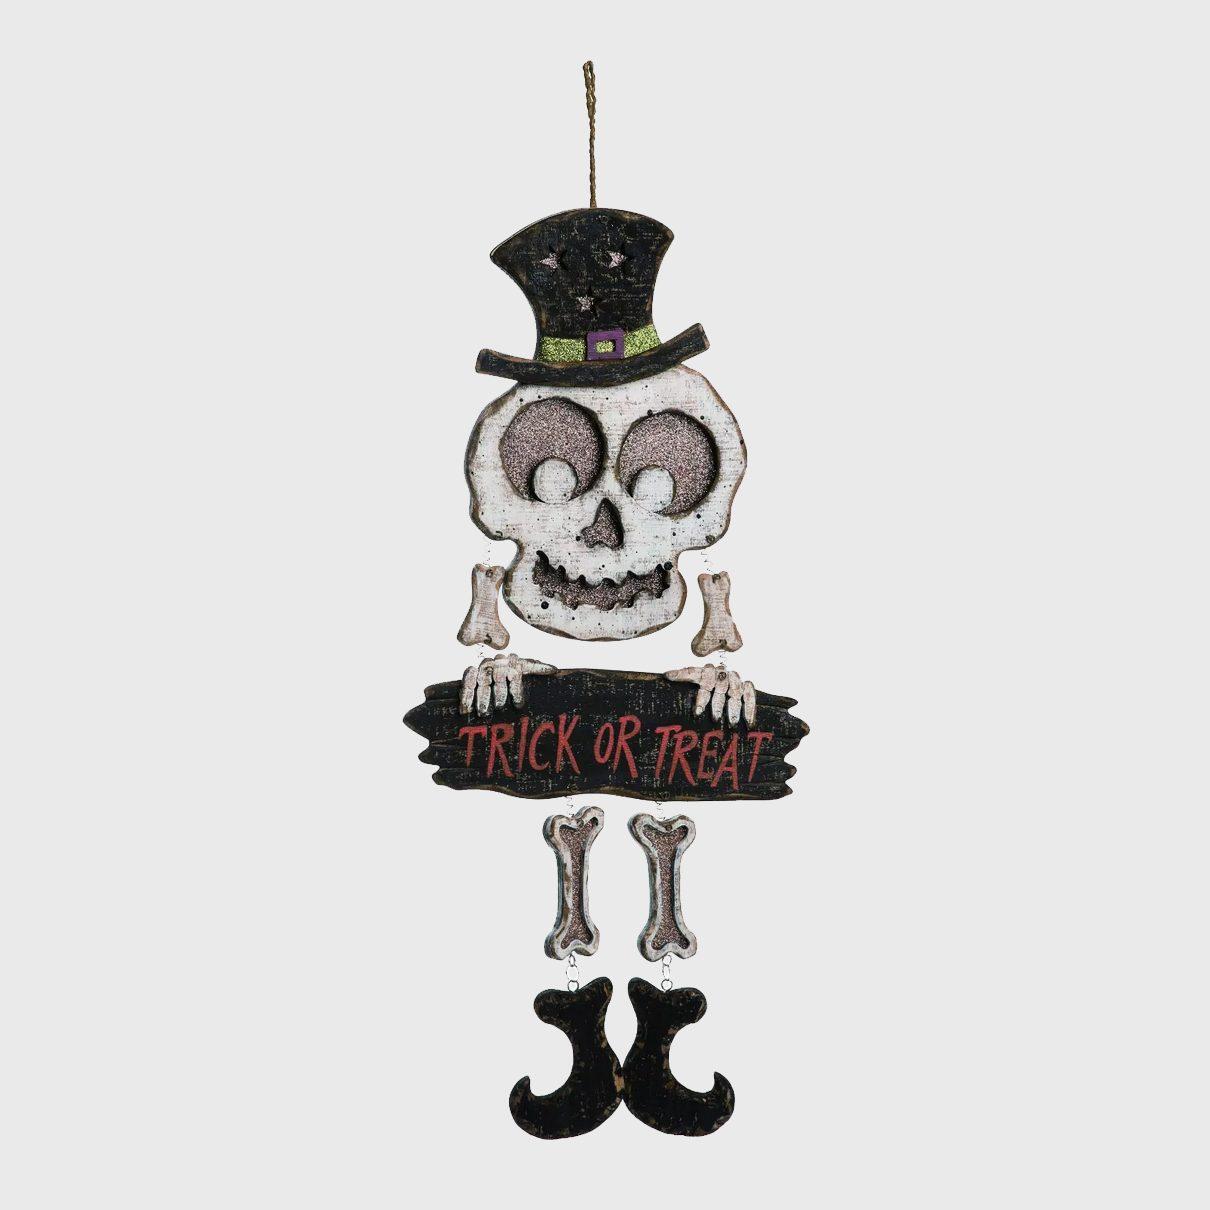 Trick or treat skeleton sign